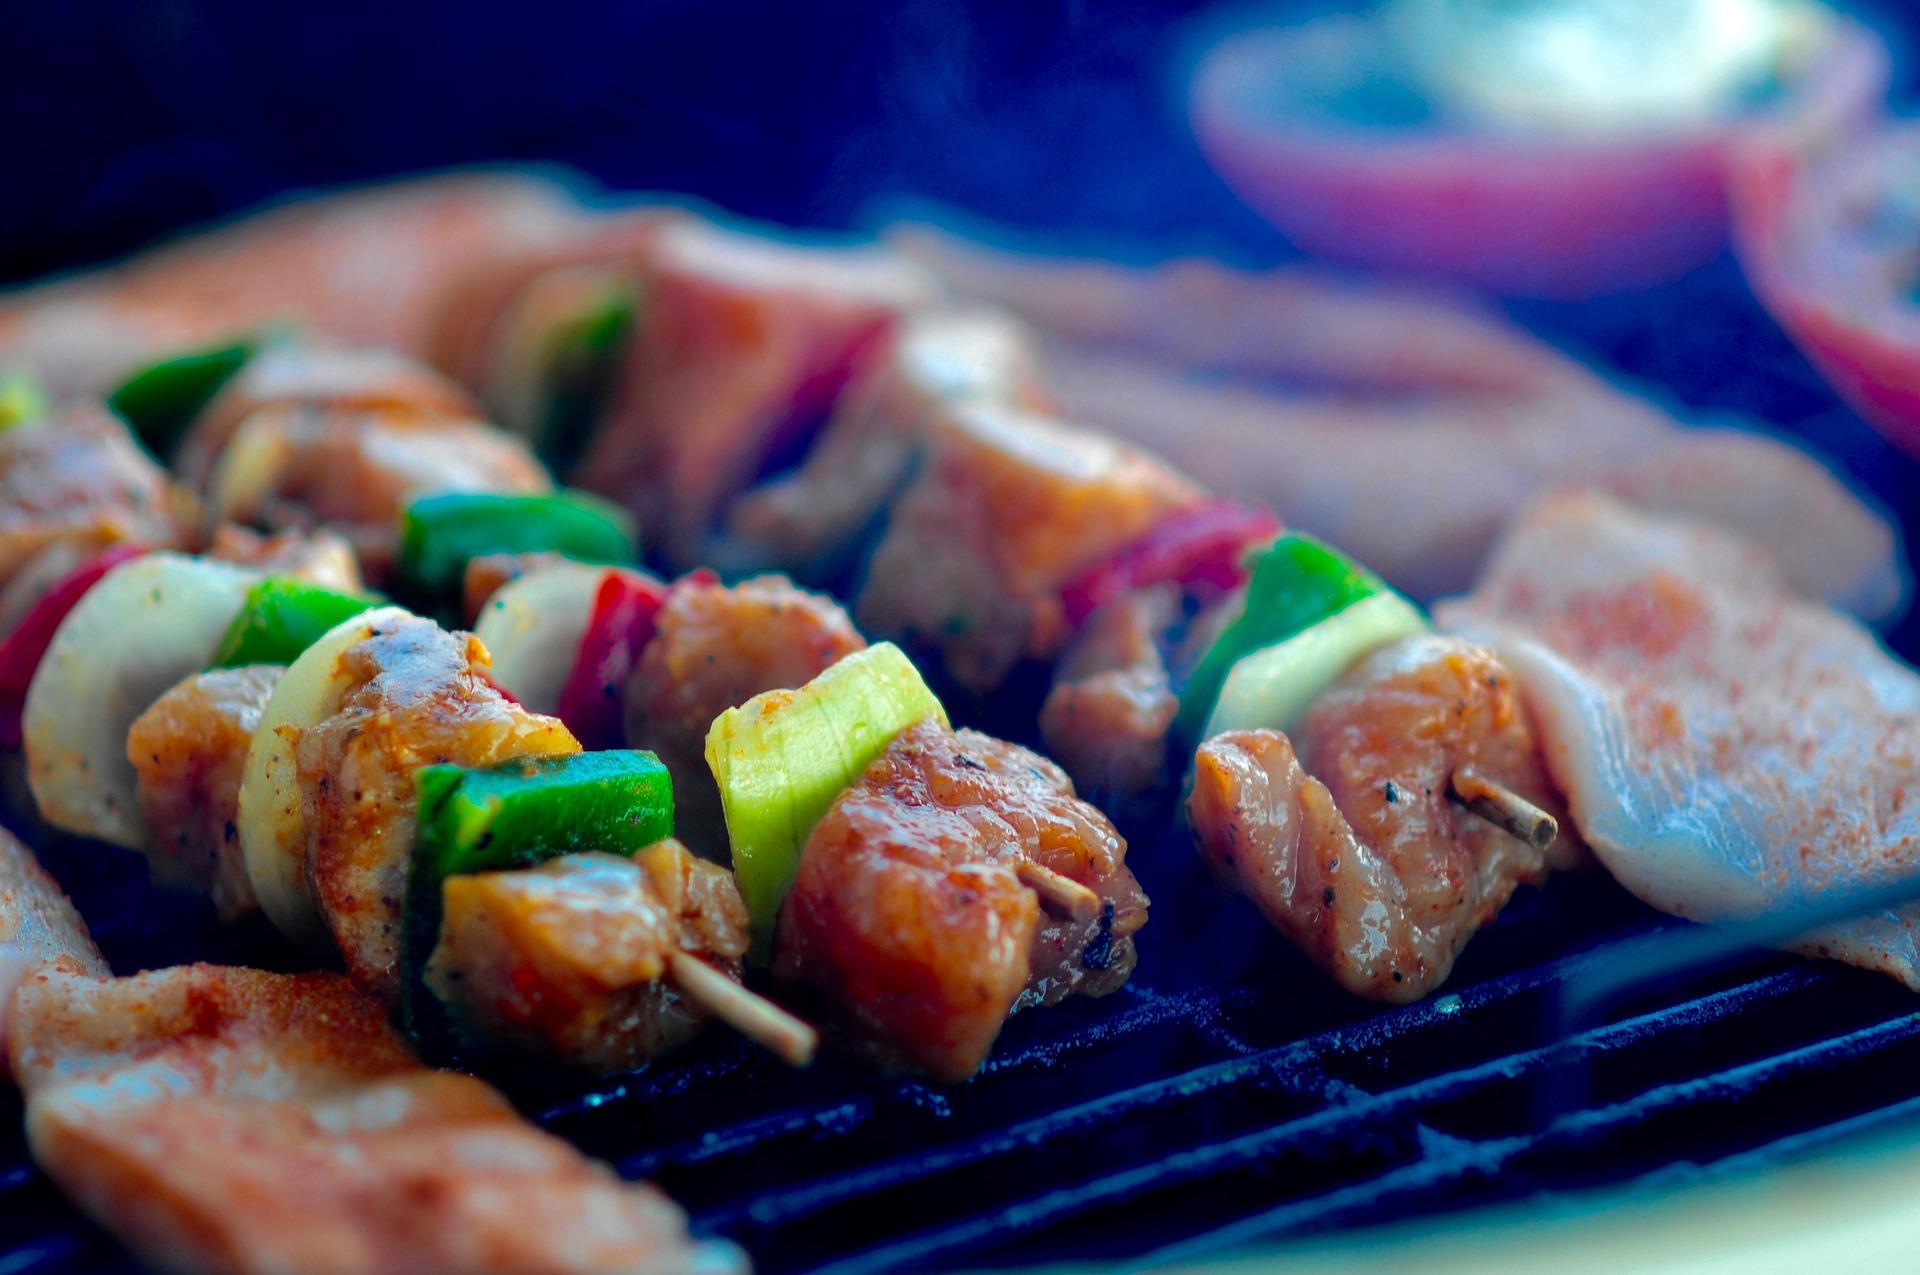 大阪・大阪市「炭火焼鳥 闘鶏」の焼き鳥はサイコーです